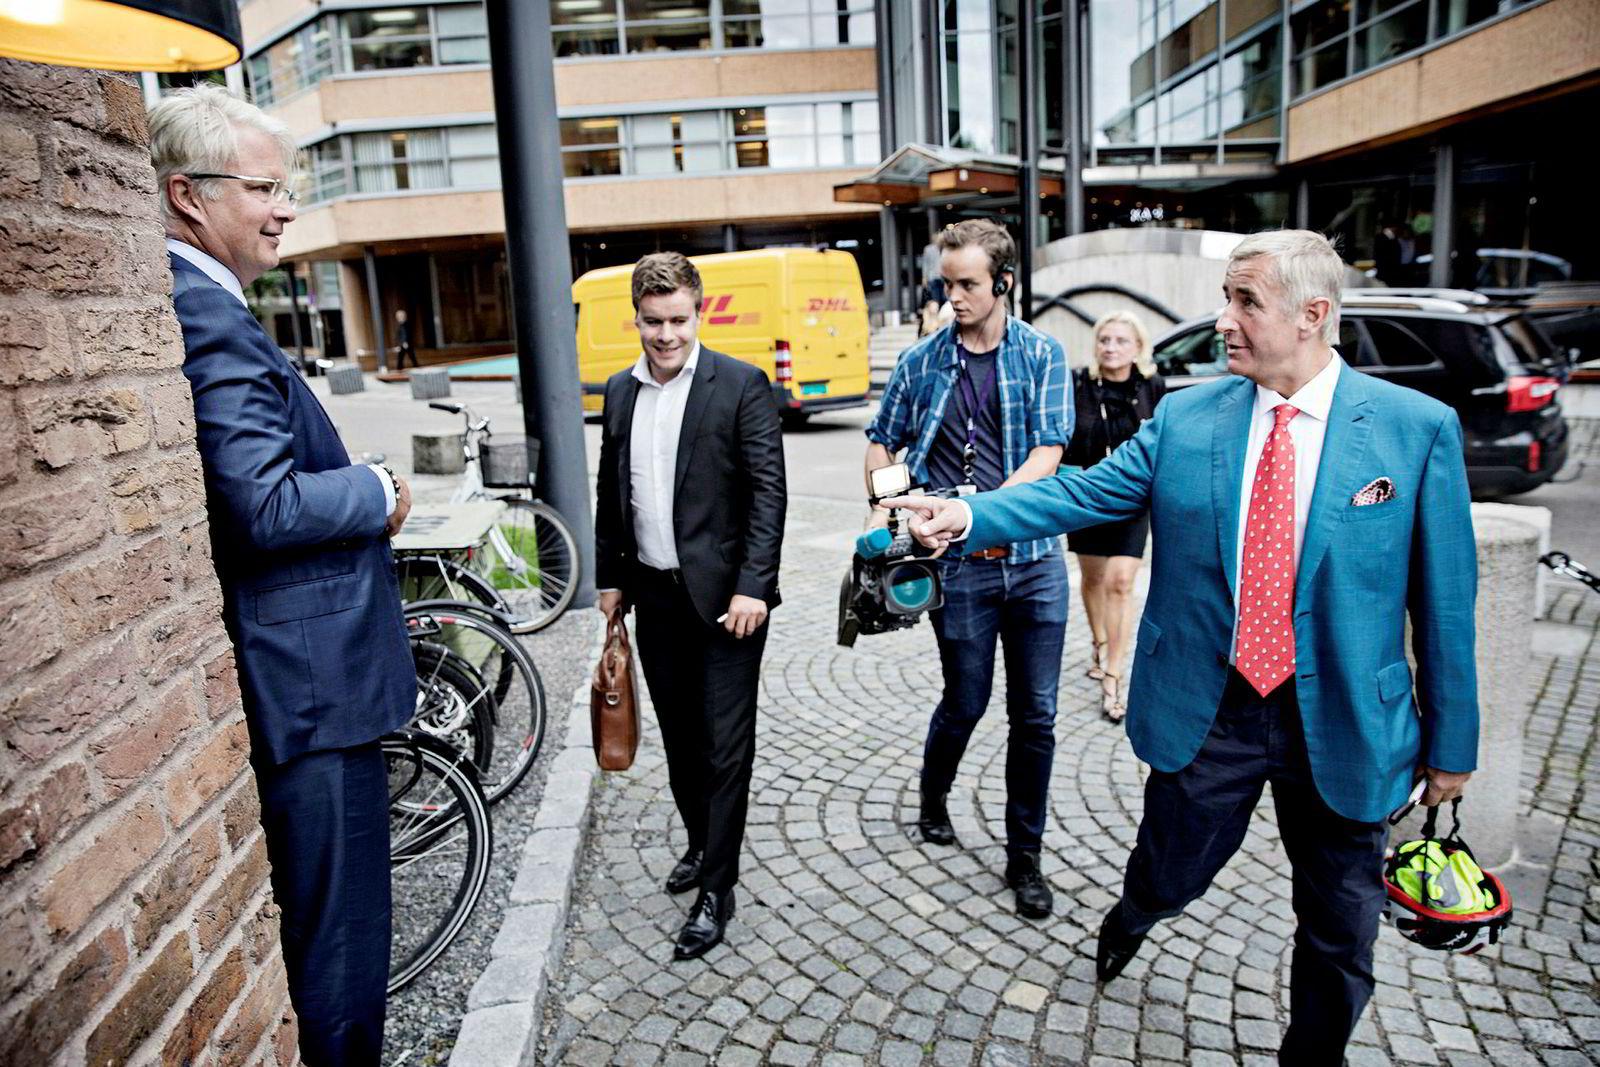 – Bruk hjelm din dust, utbryter Christen Sveaas som fersk styreleder i Norske Skog til avgått styreleder Henrik A. Christensen som er i ferd med å sette seg på sykkelen etter endt ekstraordinær generalforsamling.